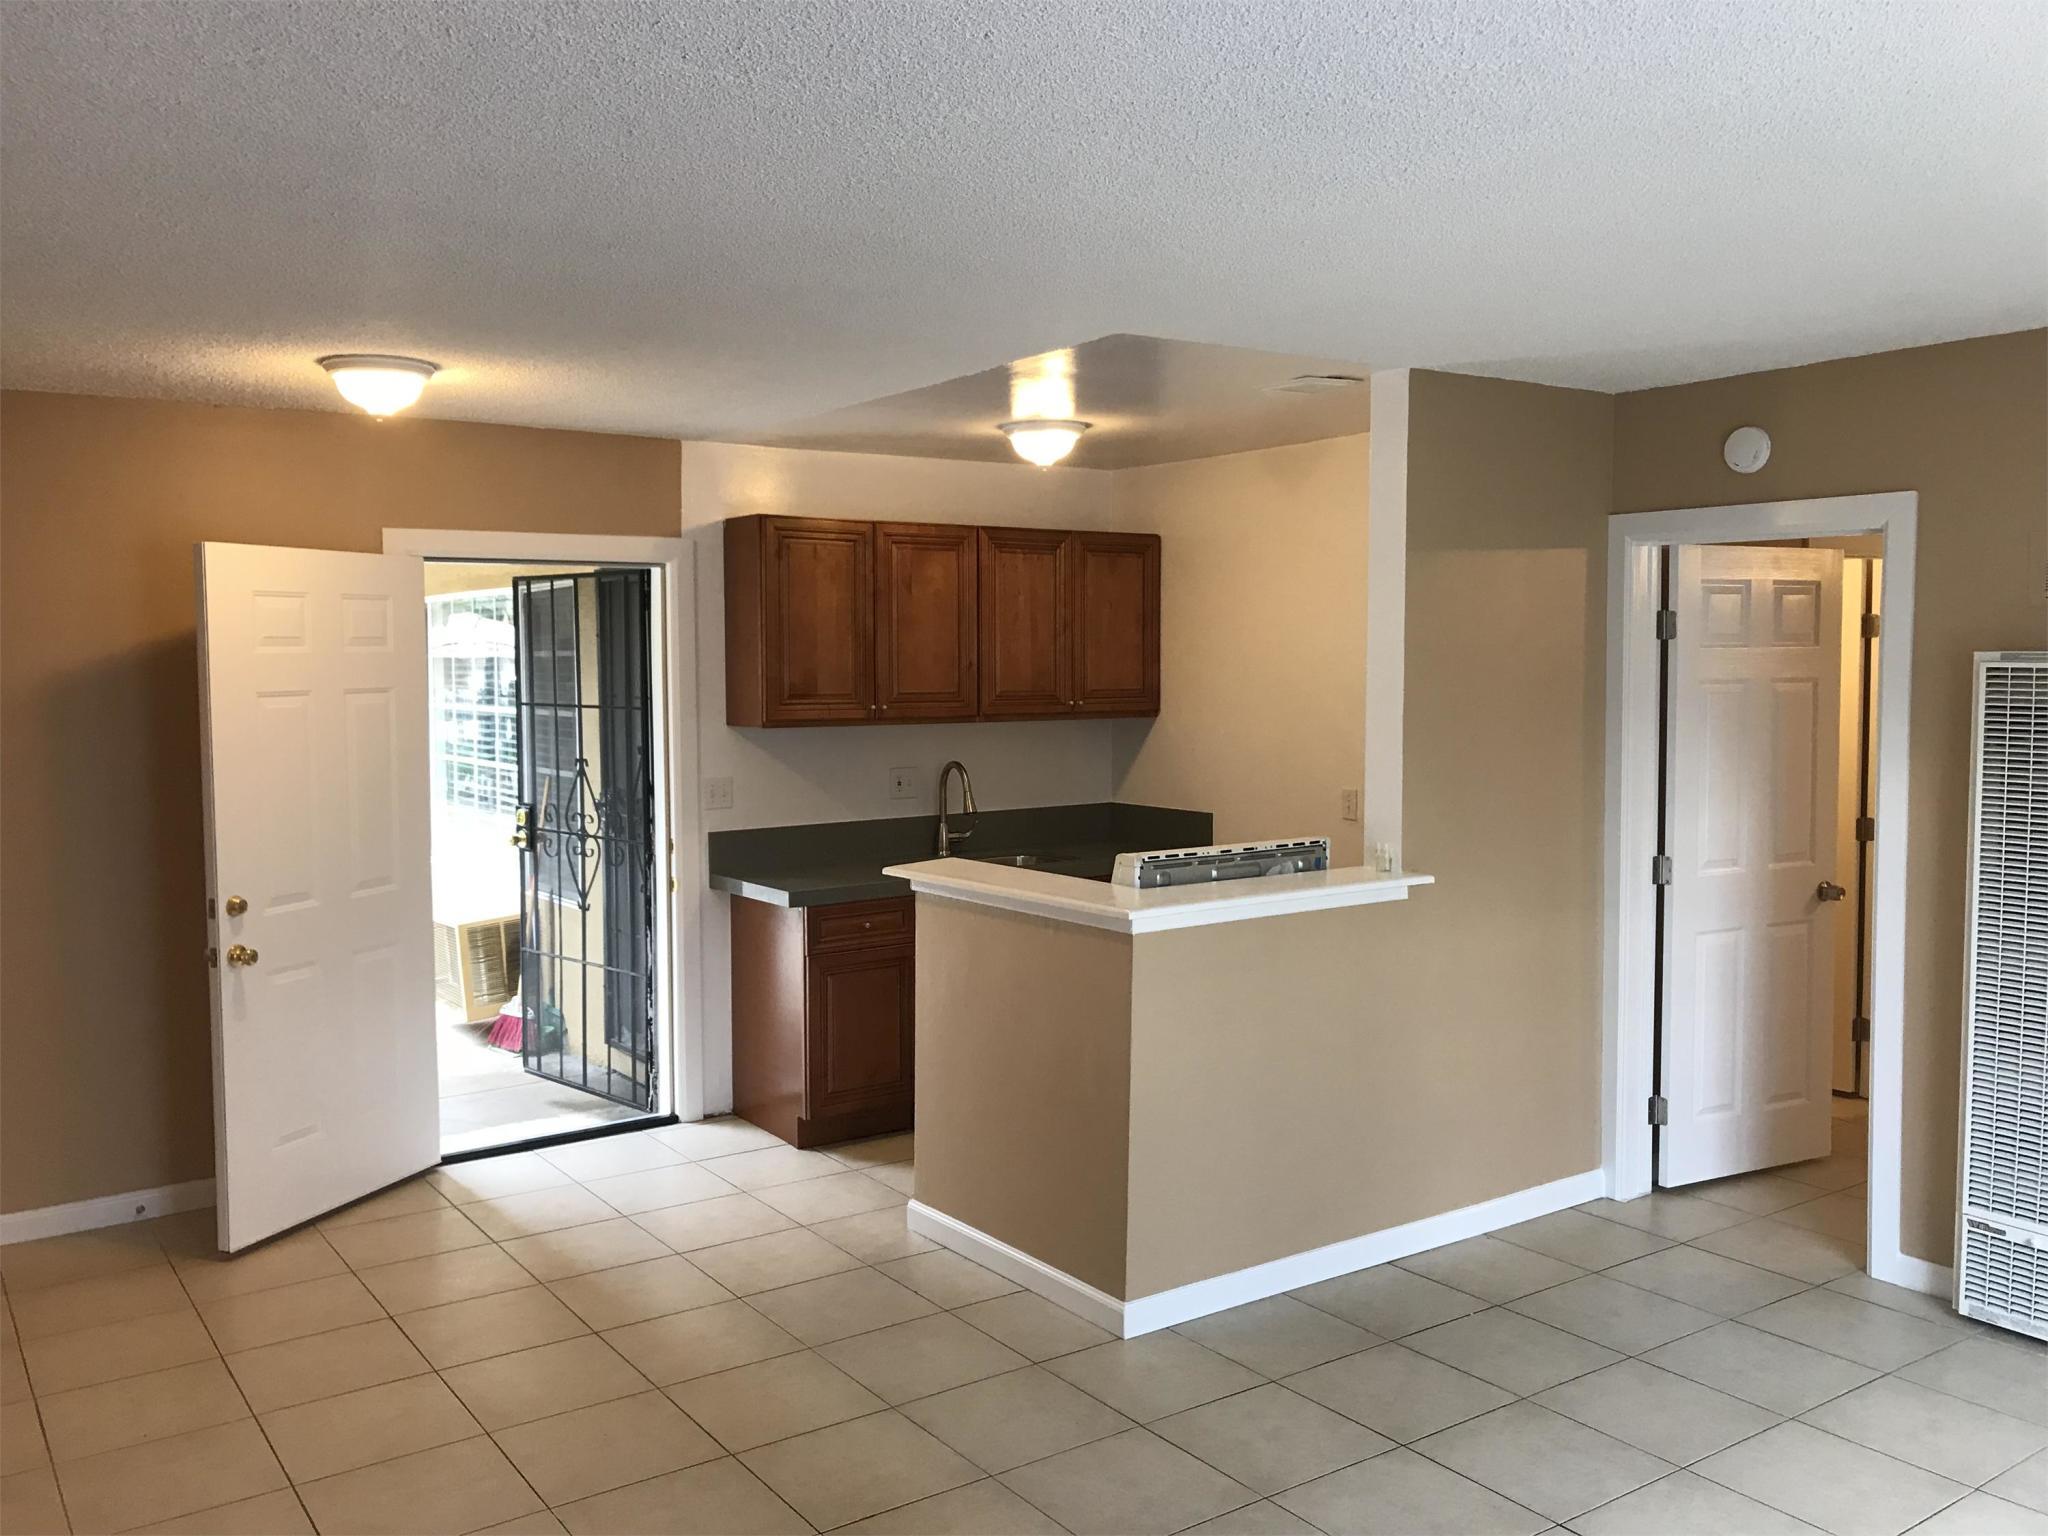 10802 Palma Vista Ave, Garden Grove, CA 92840 For Rent | Trulia